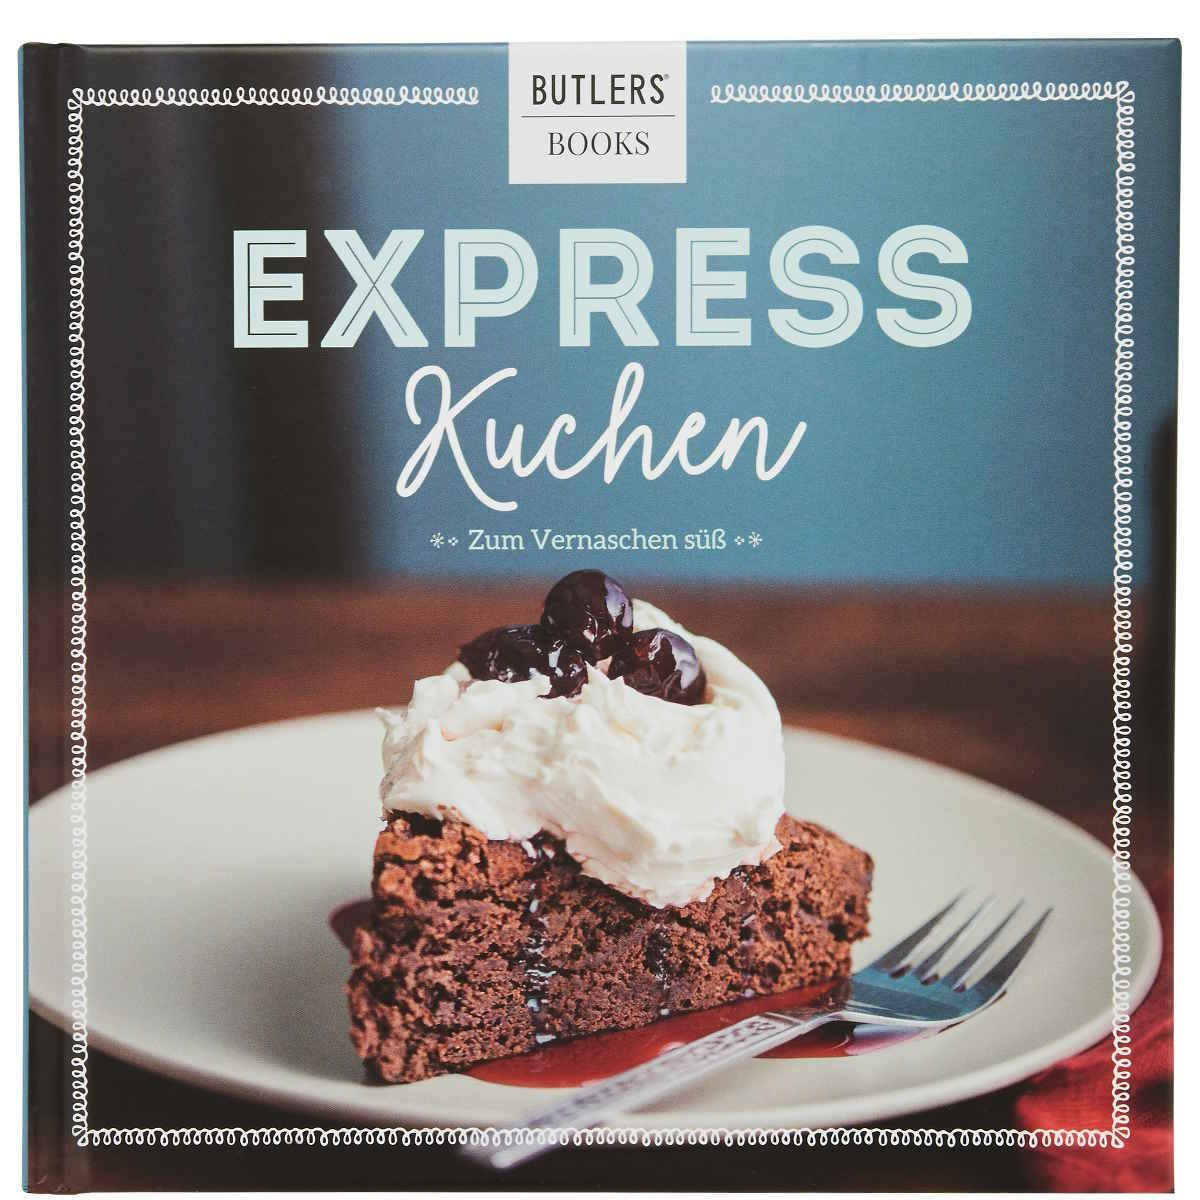 BUTLERS KOCHBUCH »Express Kuchen«